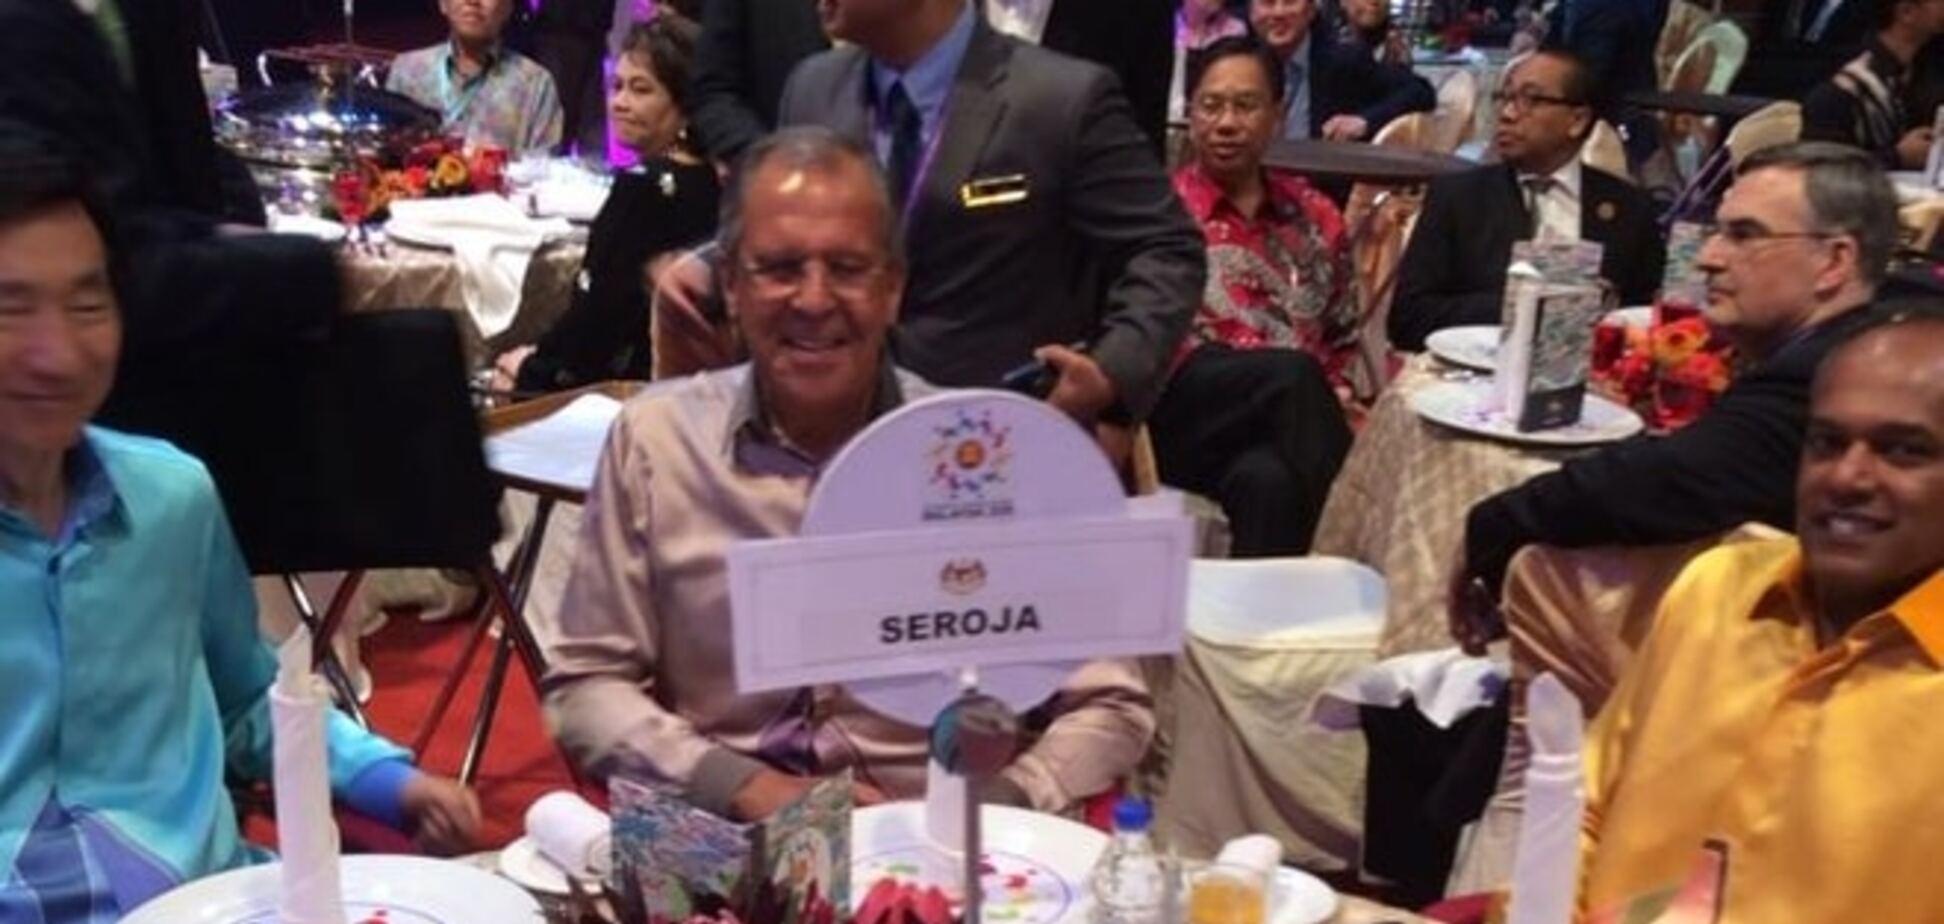 'Серожа'. В Малайзии ярко потроллили Лаврова: опубликованы фото